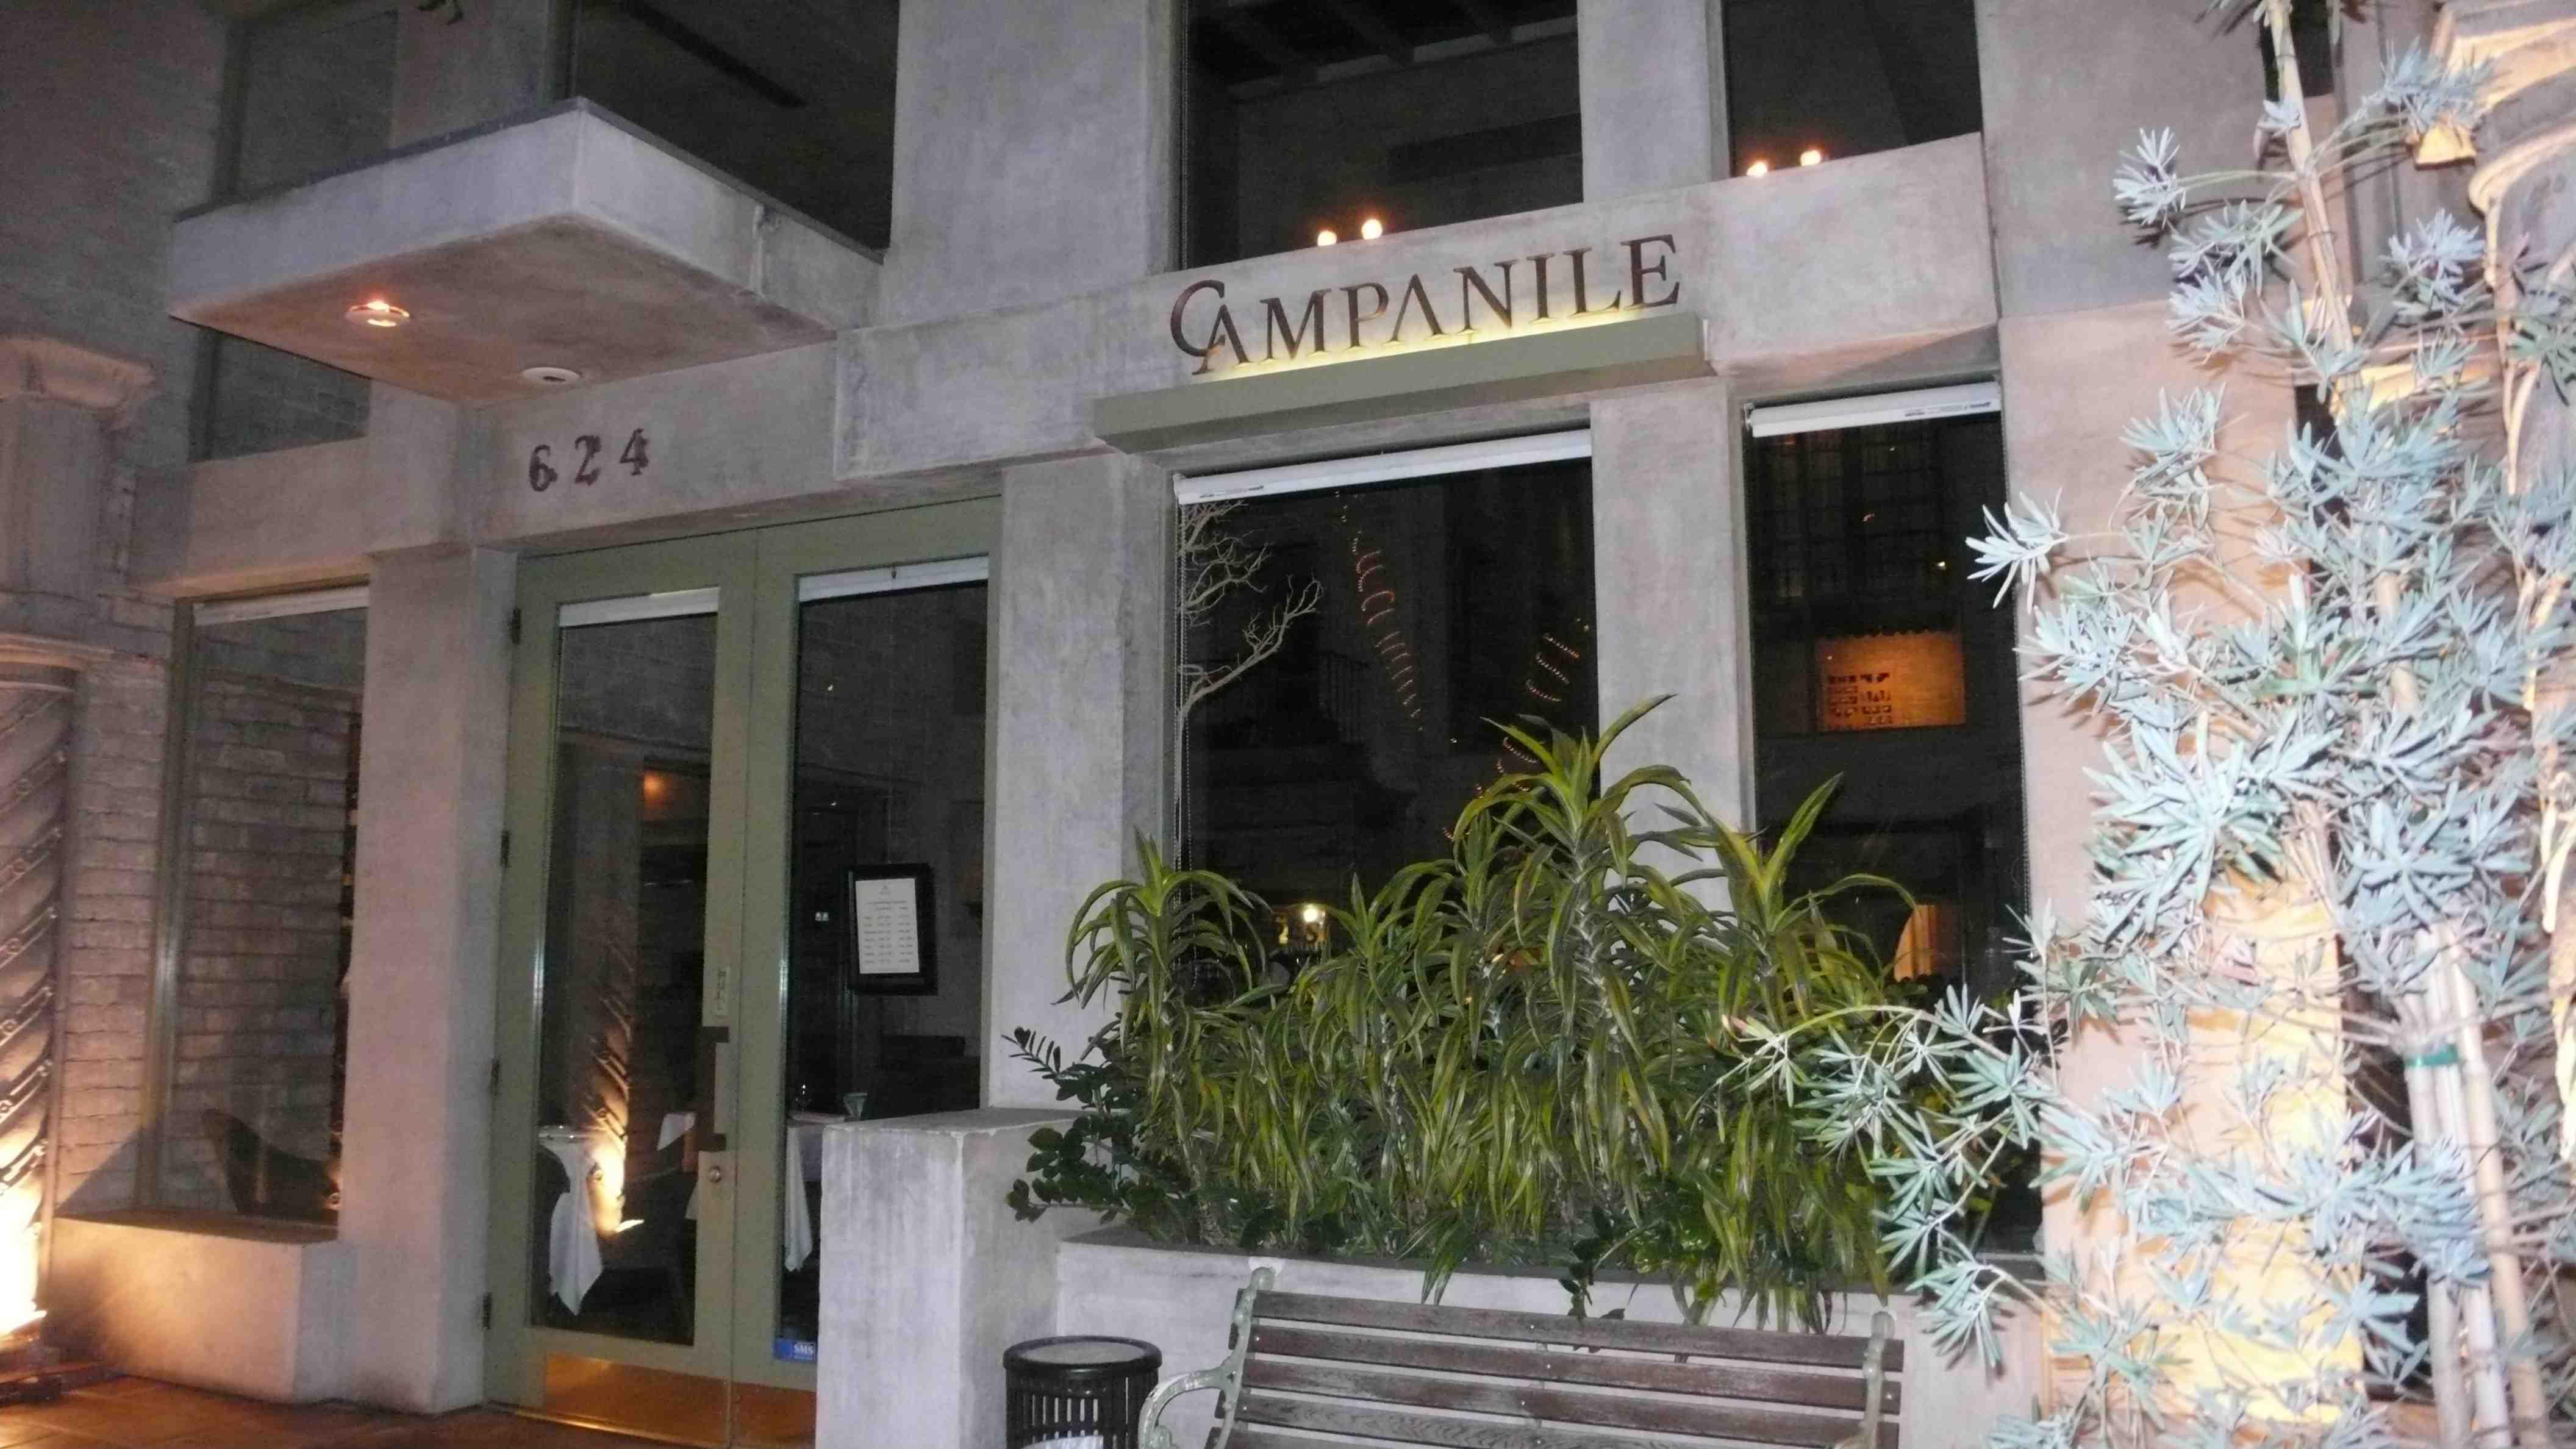 Camponile restaurant